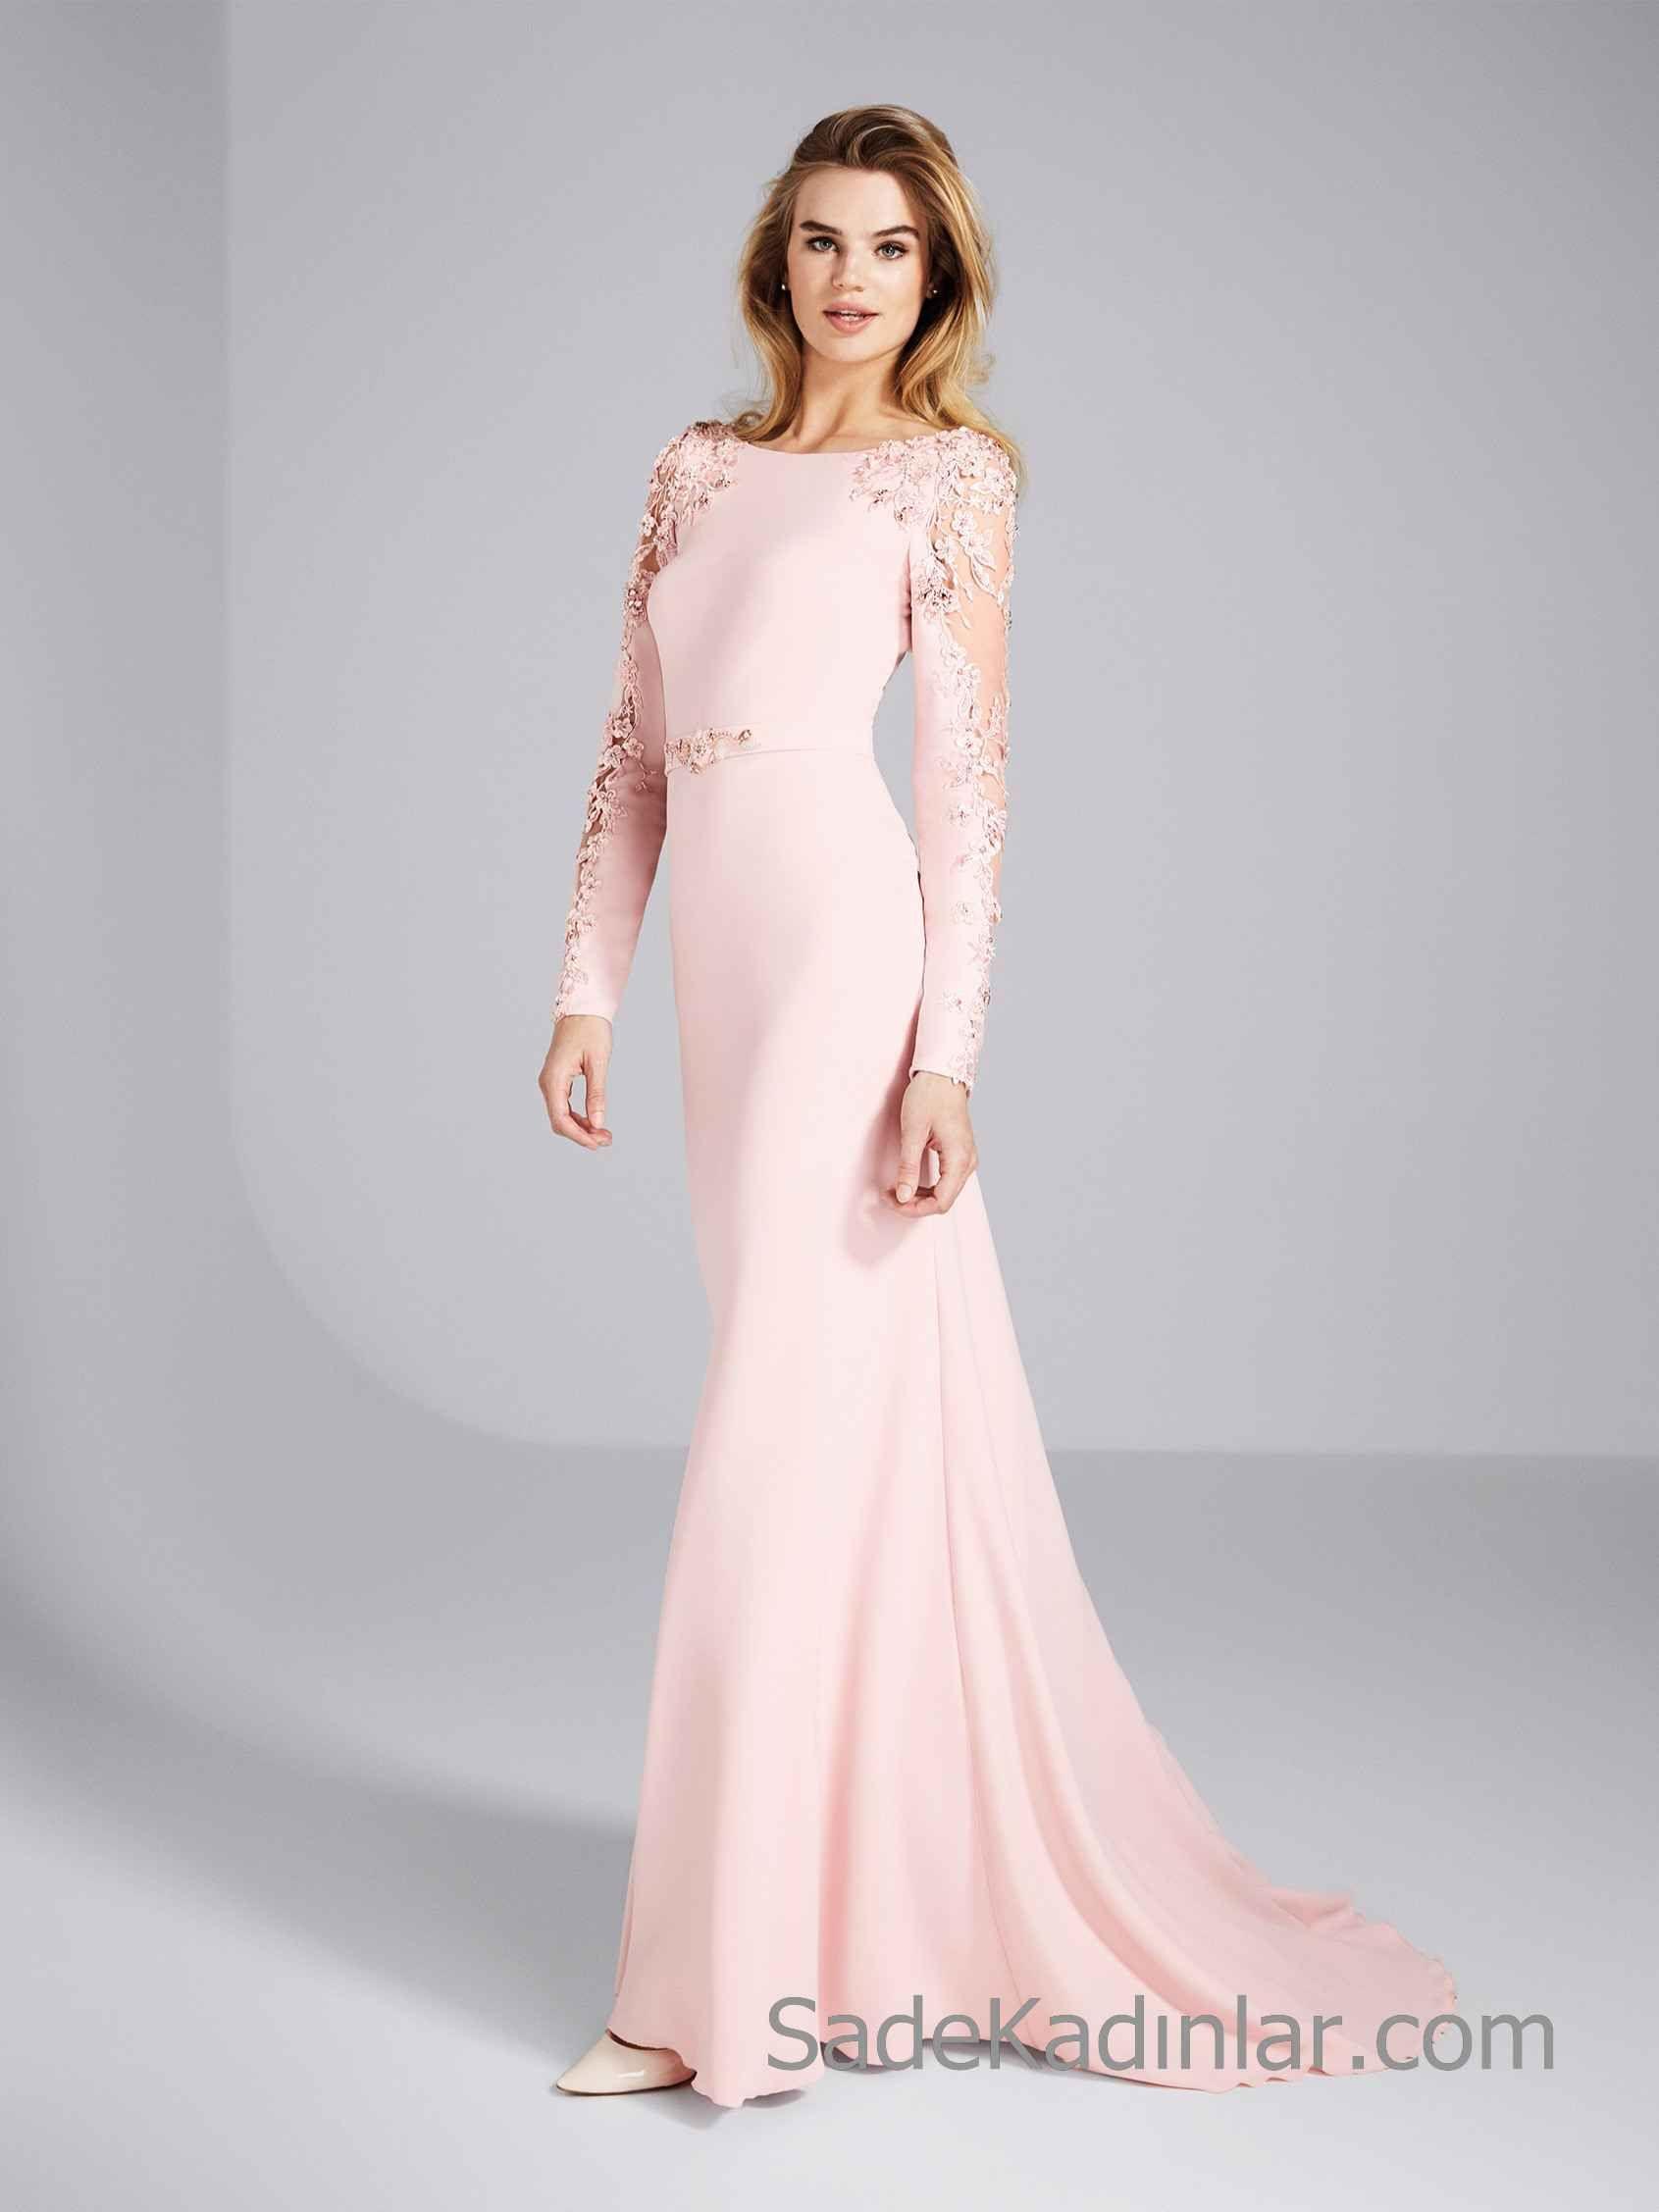 Pronovias 2020 Abiye Elbise Modelleri Pembe Uzun Balik Kayik Yaka Uzun Kollu Boncuk Islemeli Balo Elbiseleri Aksamustu Giysileri The Dress